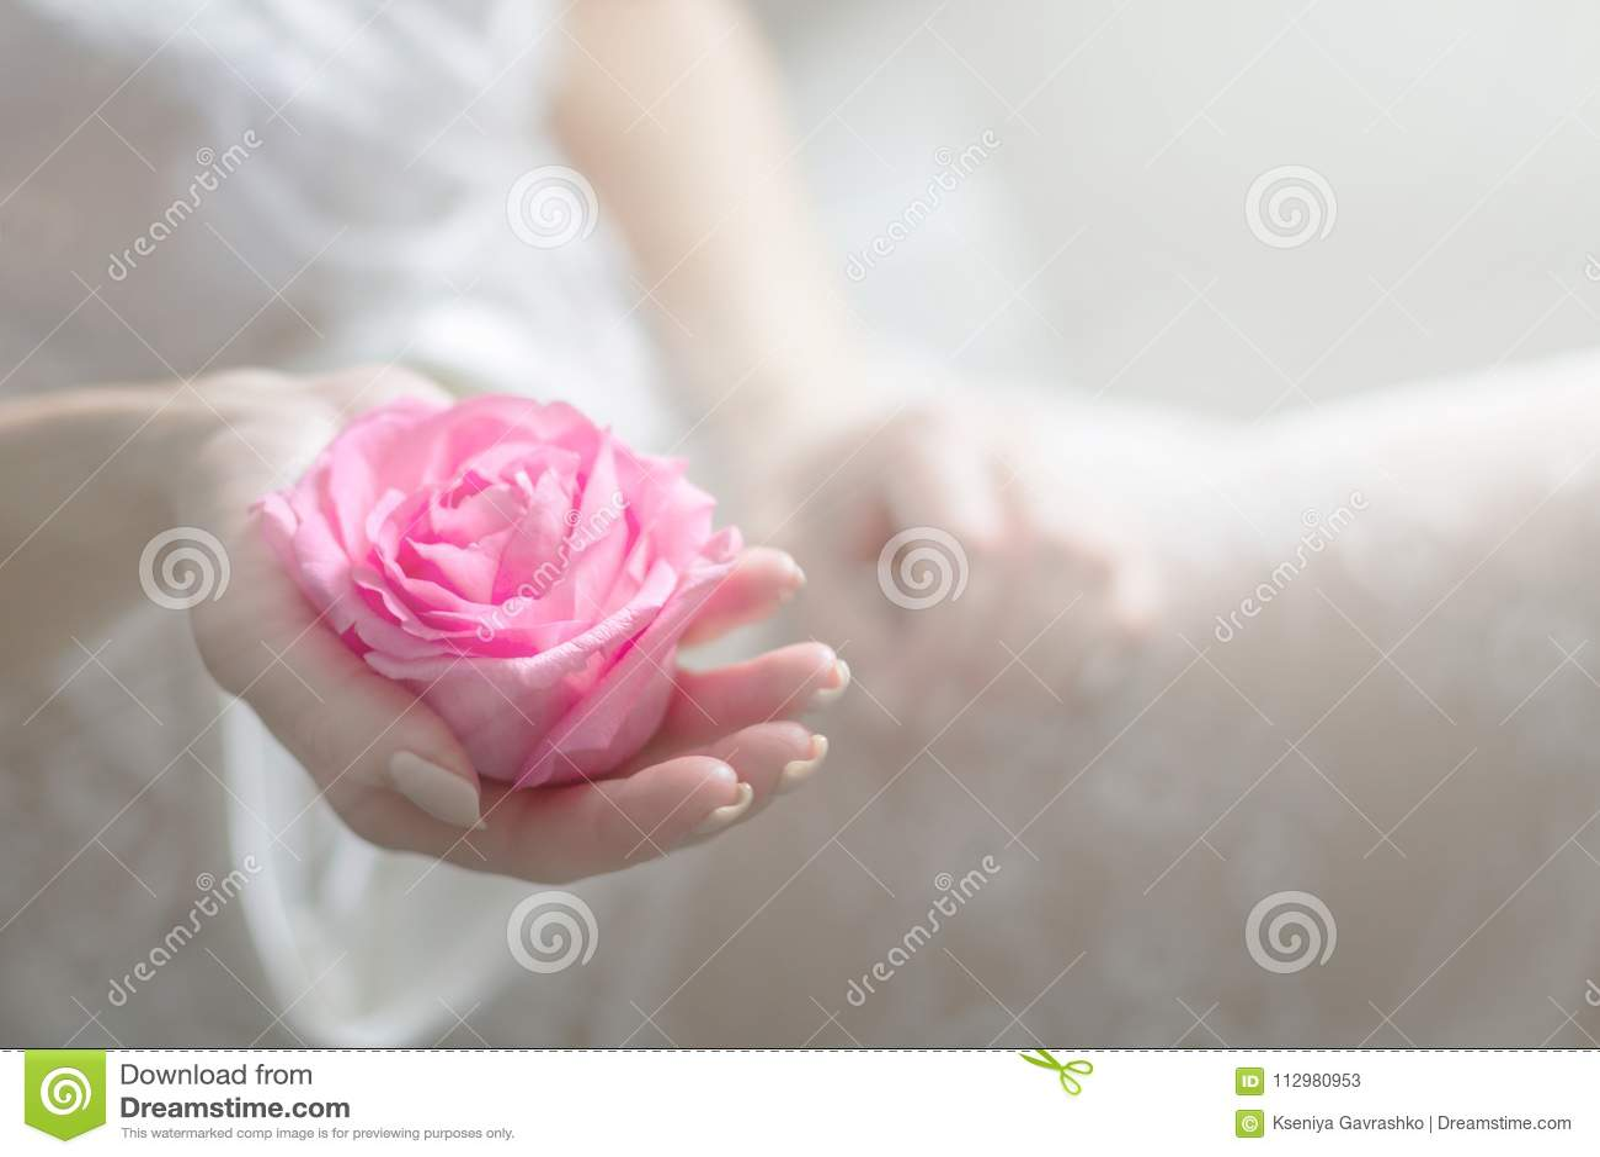 Innocent Flower in Gentle Feminine Hands. Copy Space